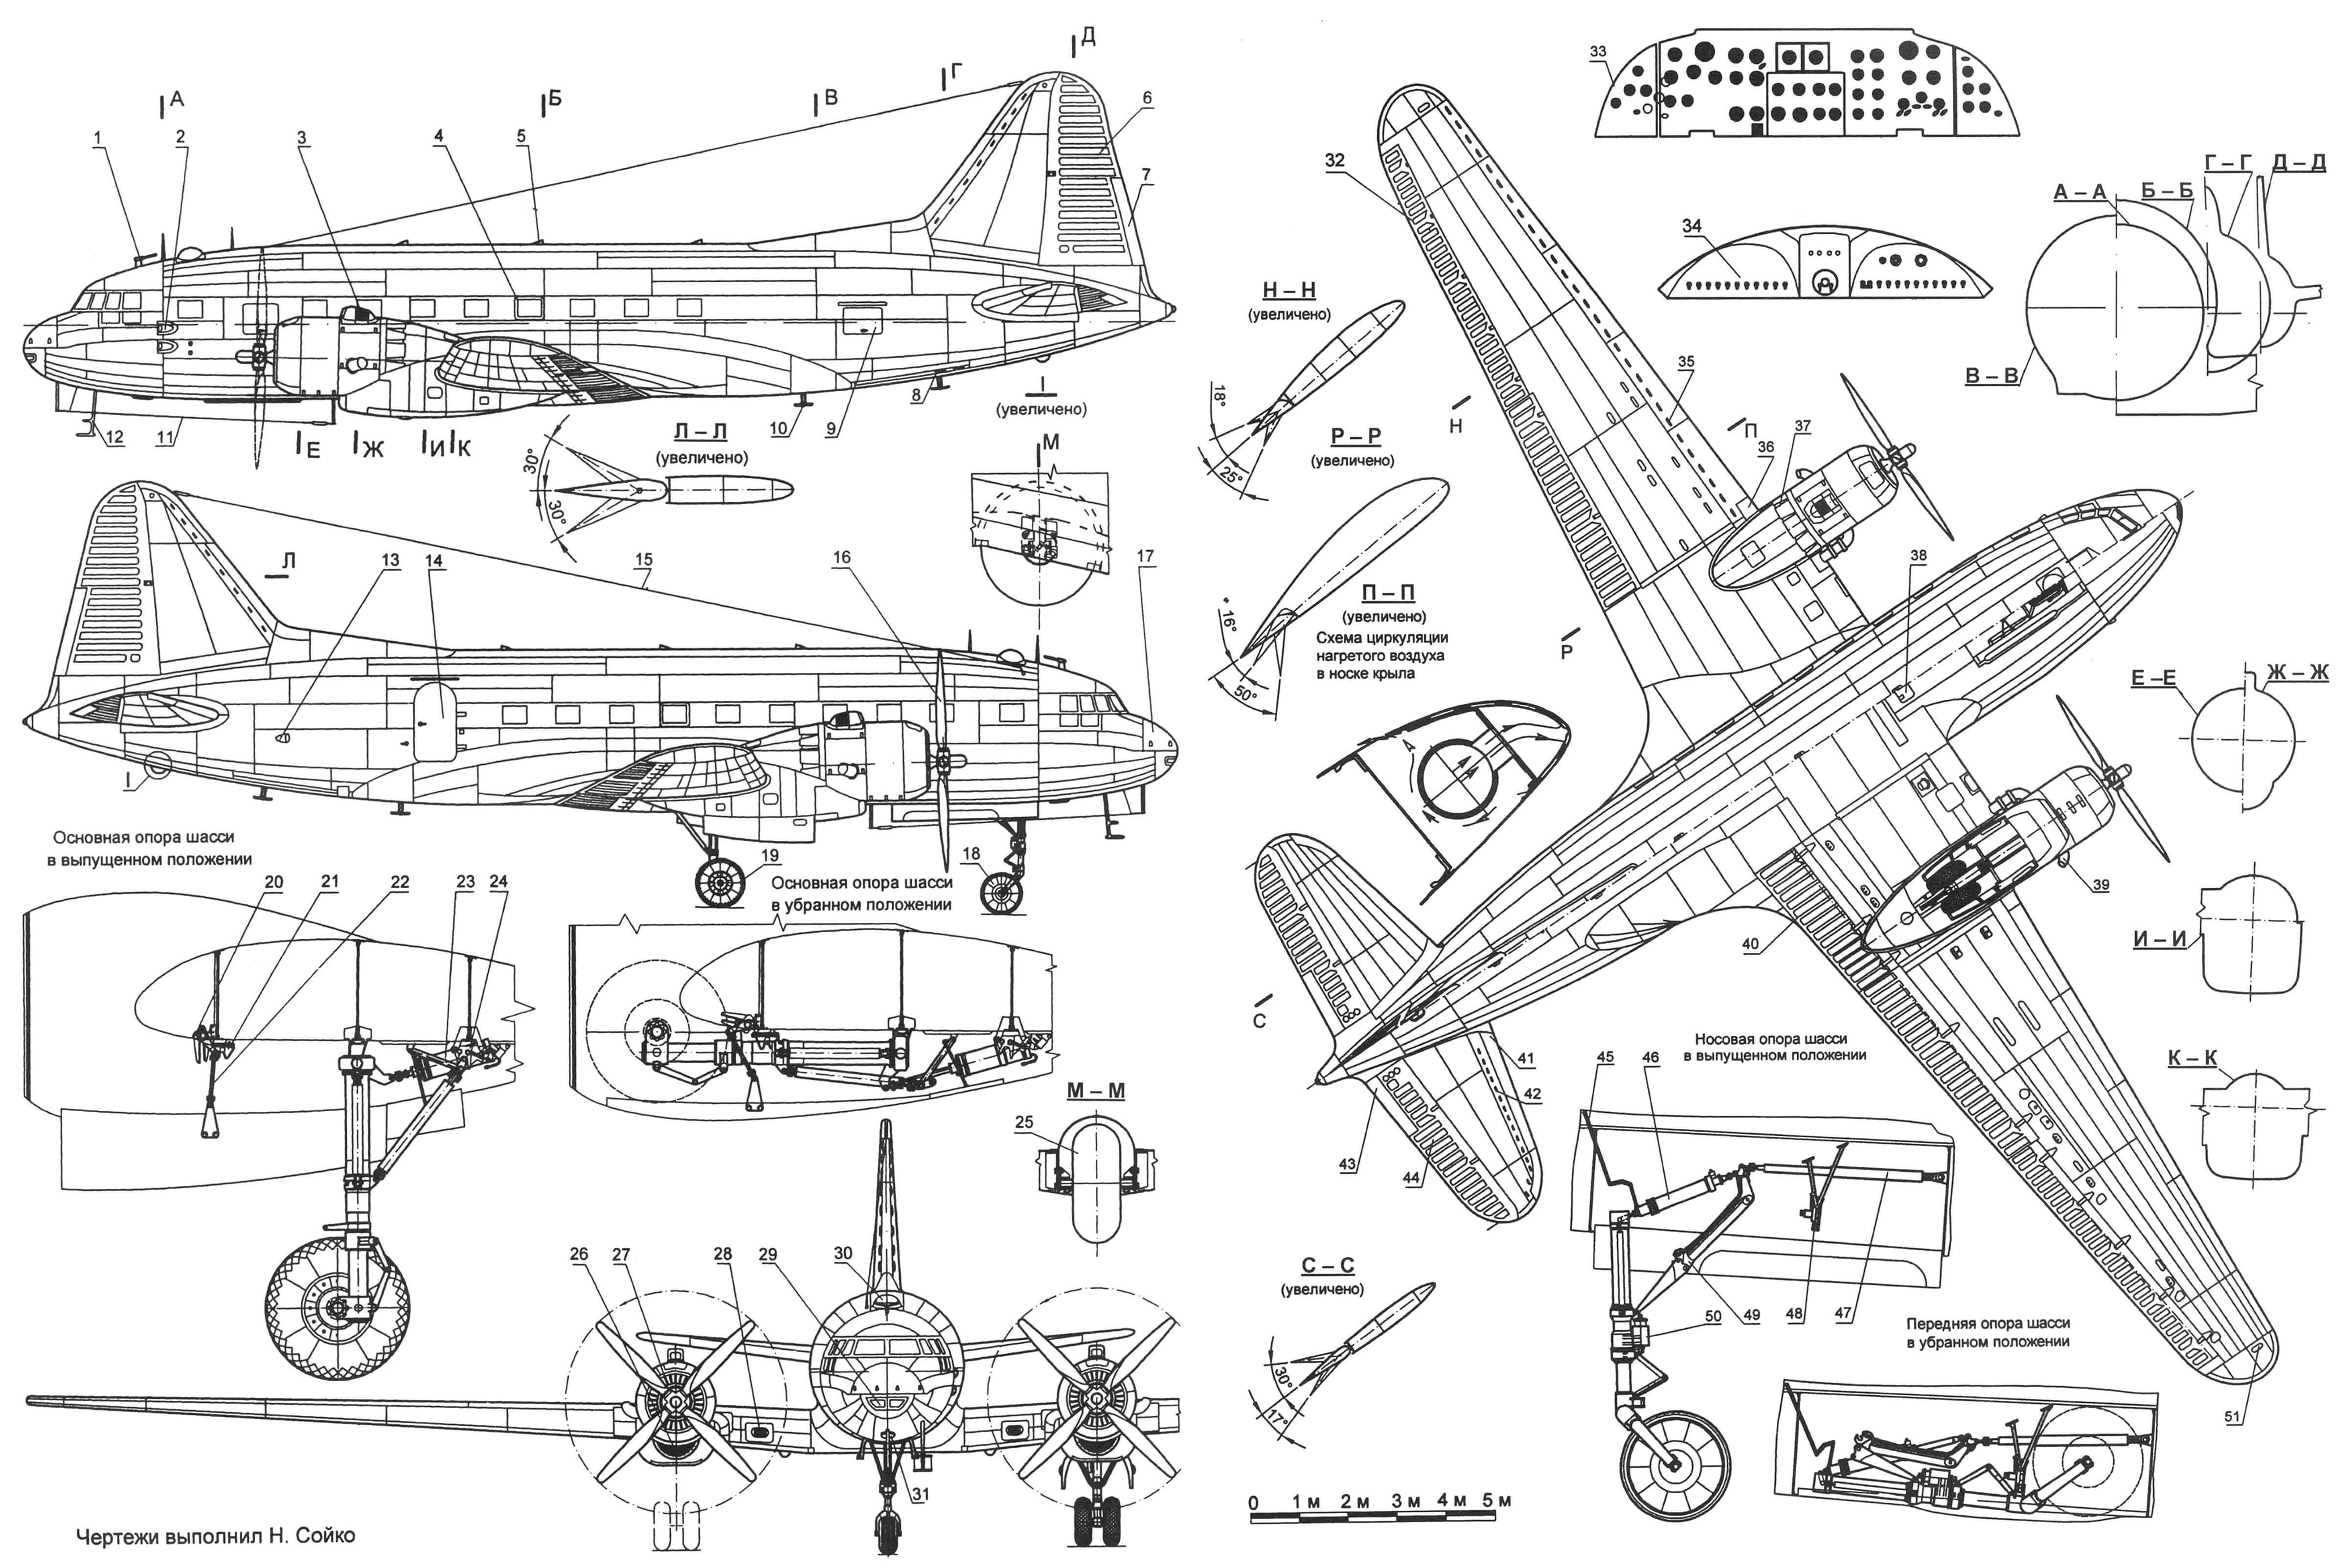 Пассажирский самолет Ил-12